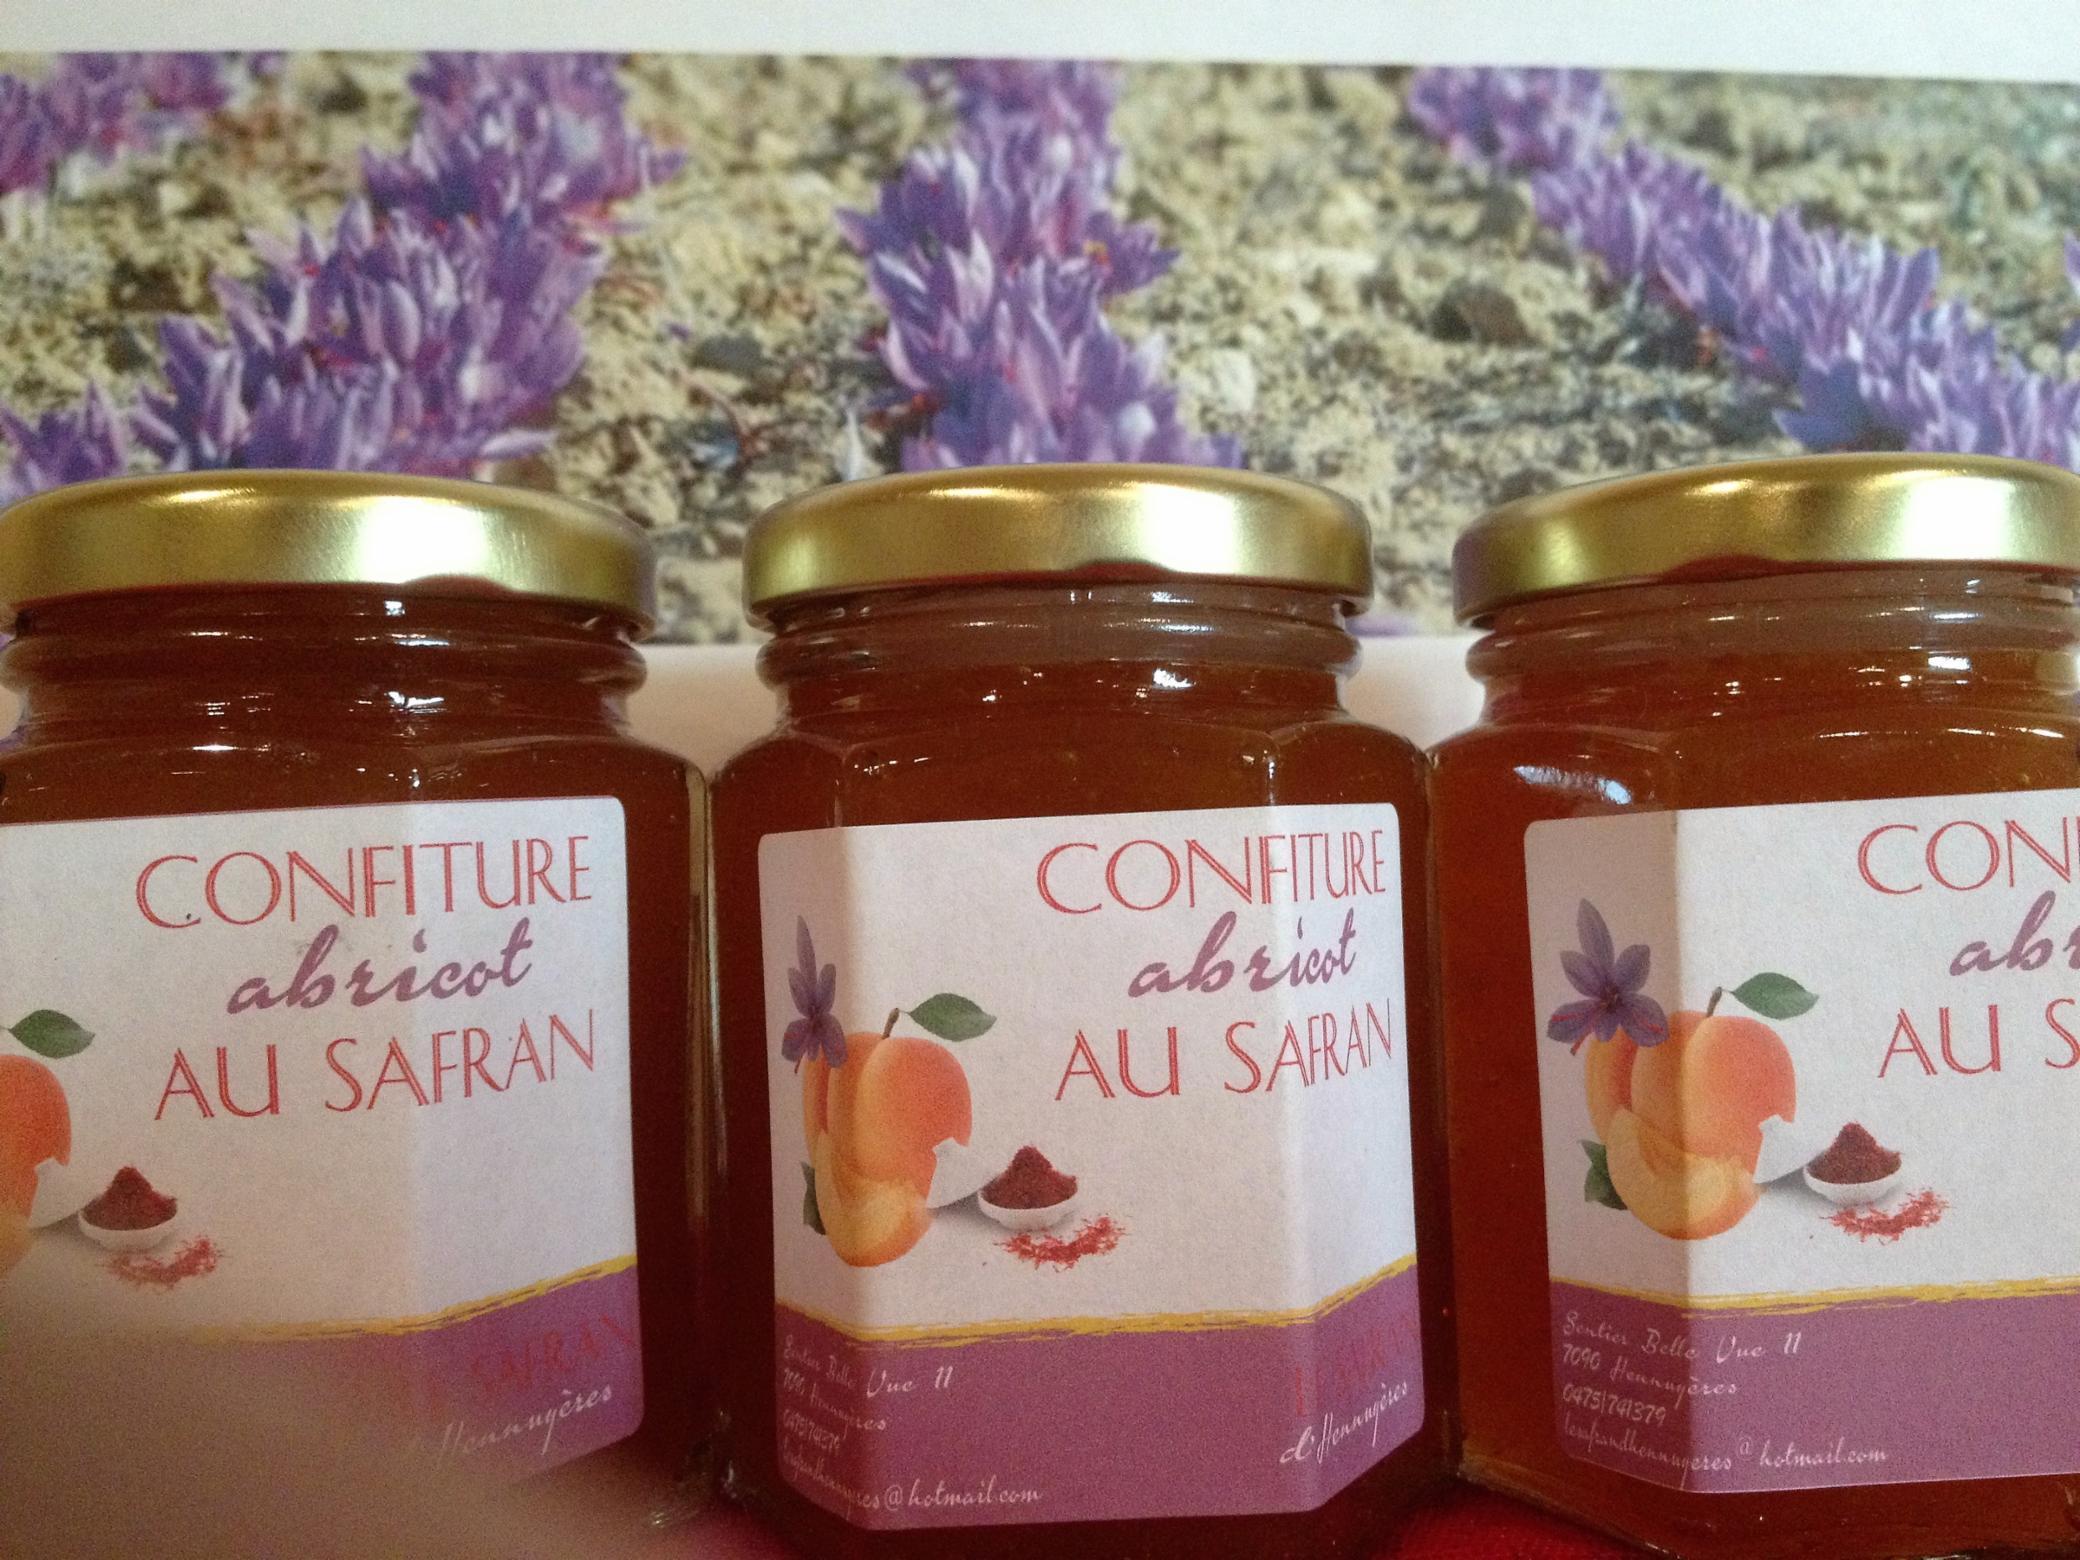 confiture abricot au safran